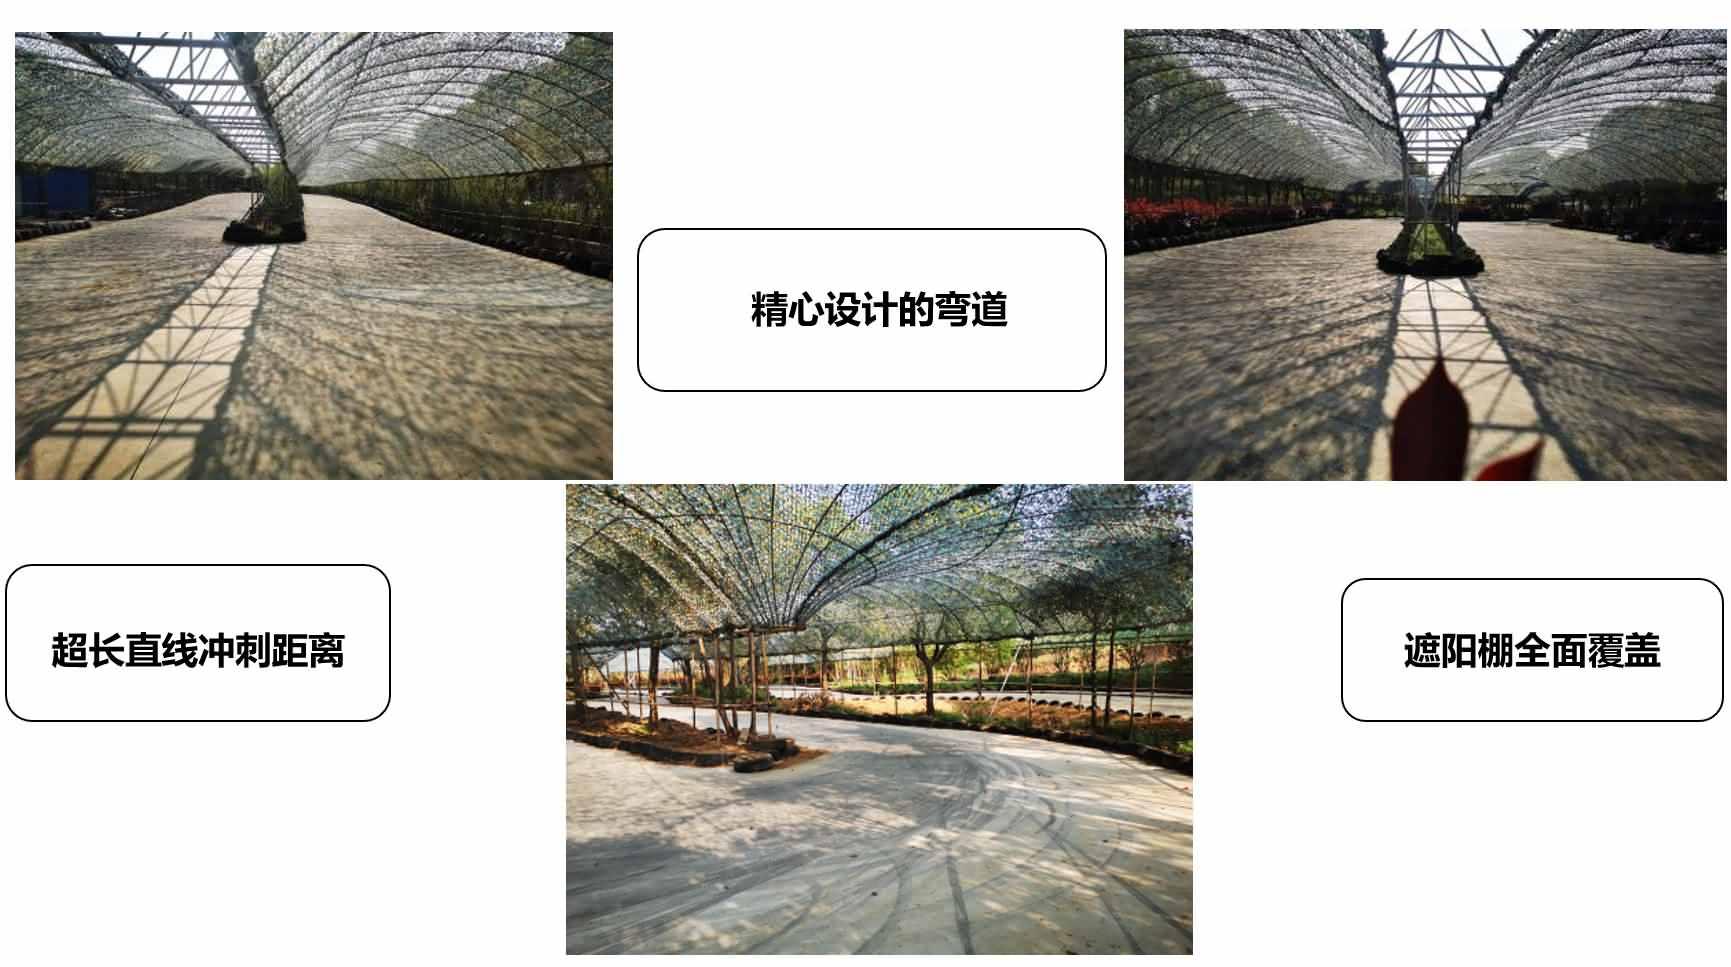 南京卡丁车(各种车型、客户体验)